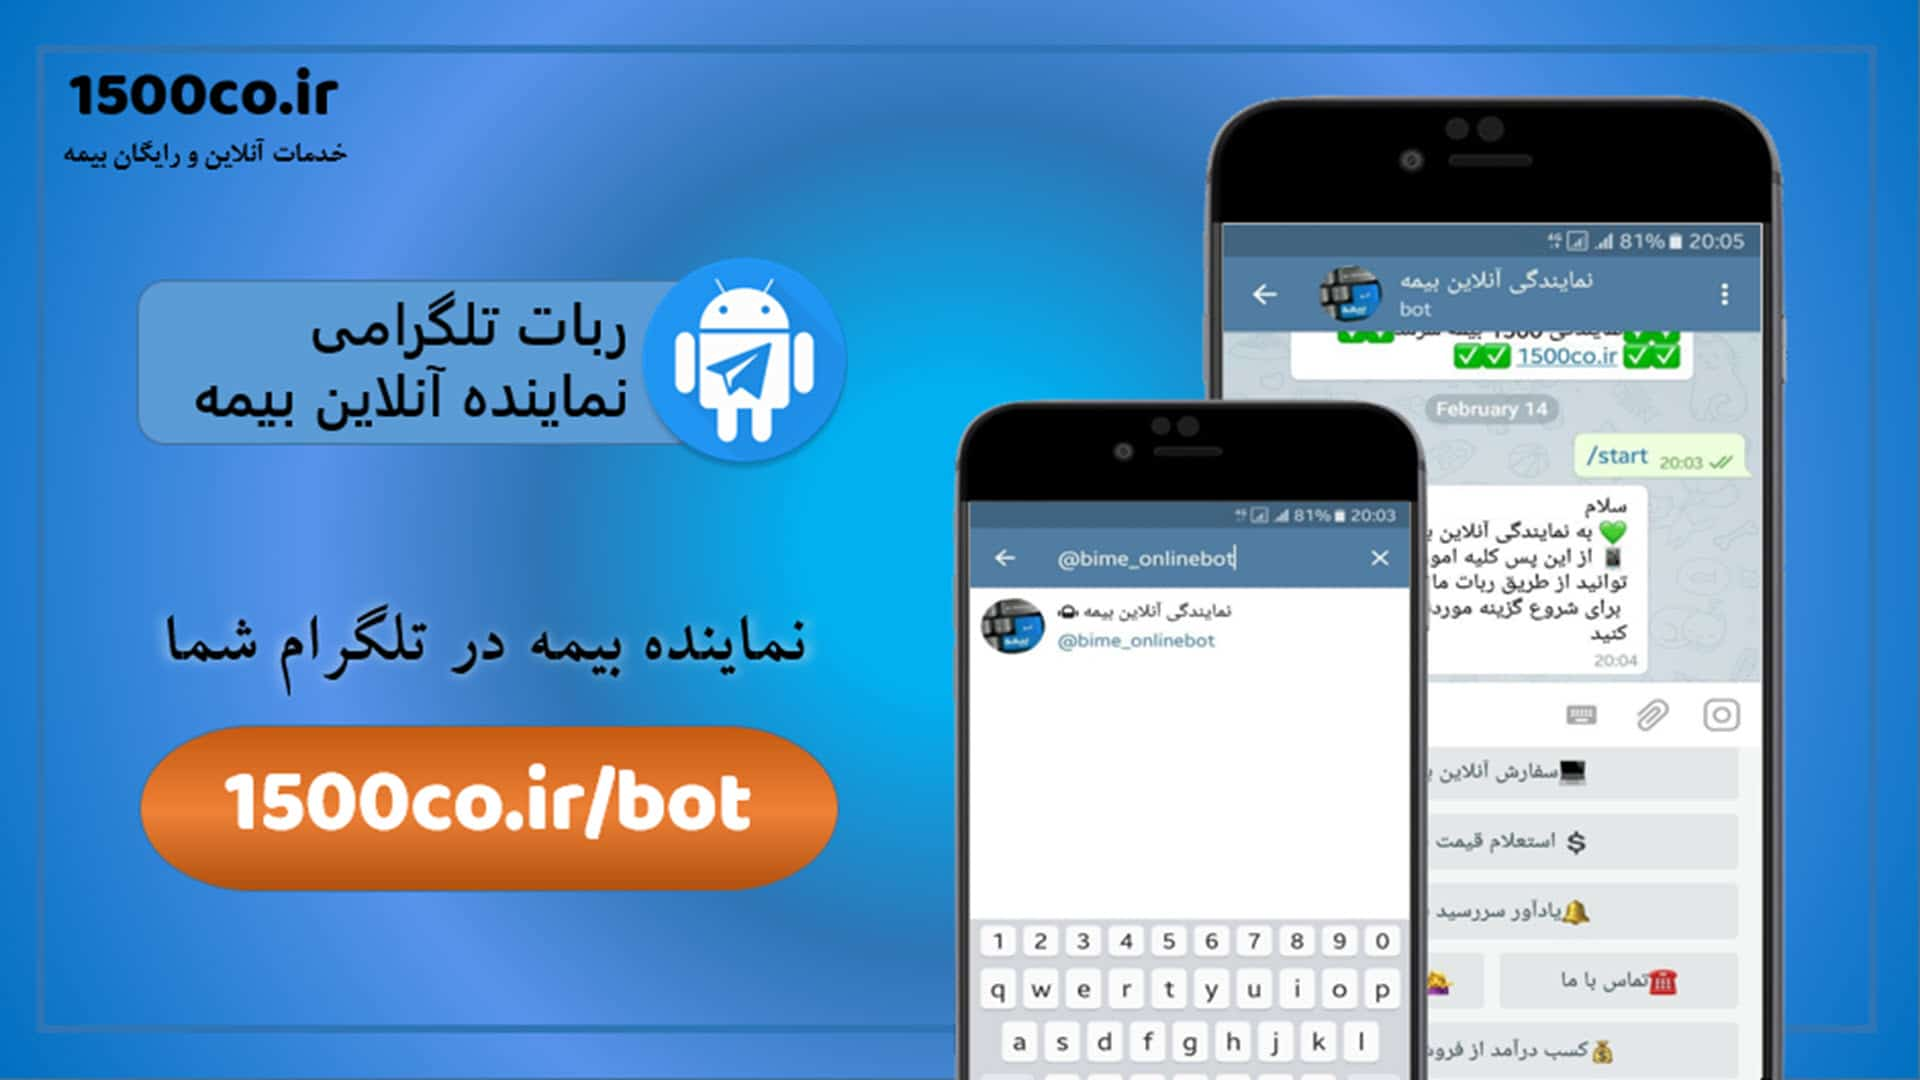 ربات تلگرامی نماینده آنلاین بیمه